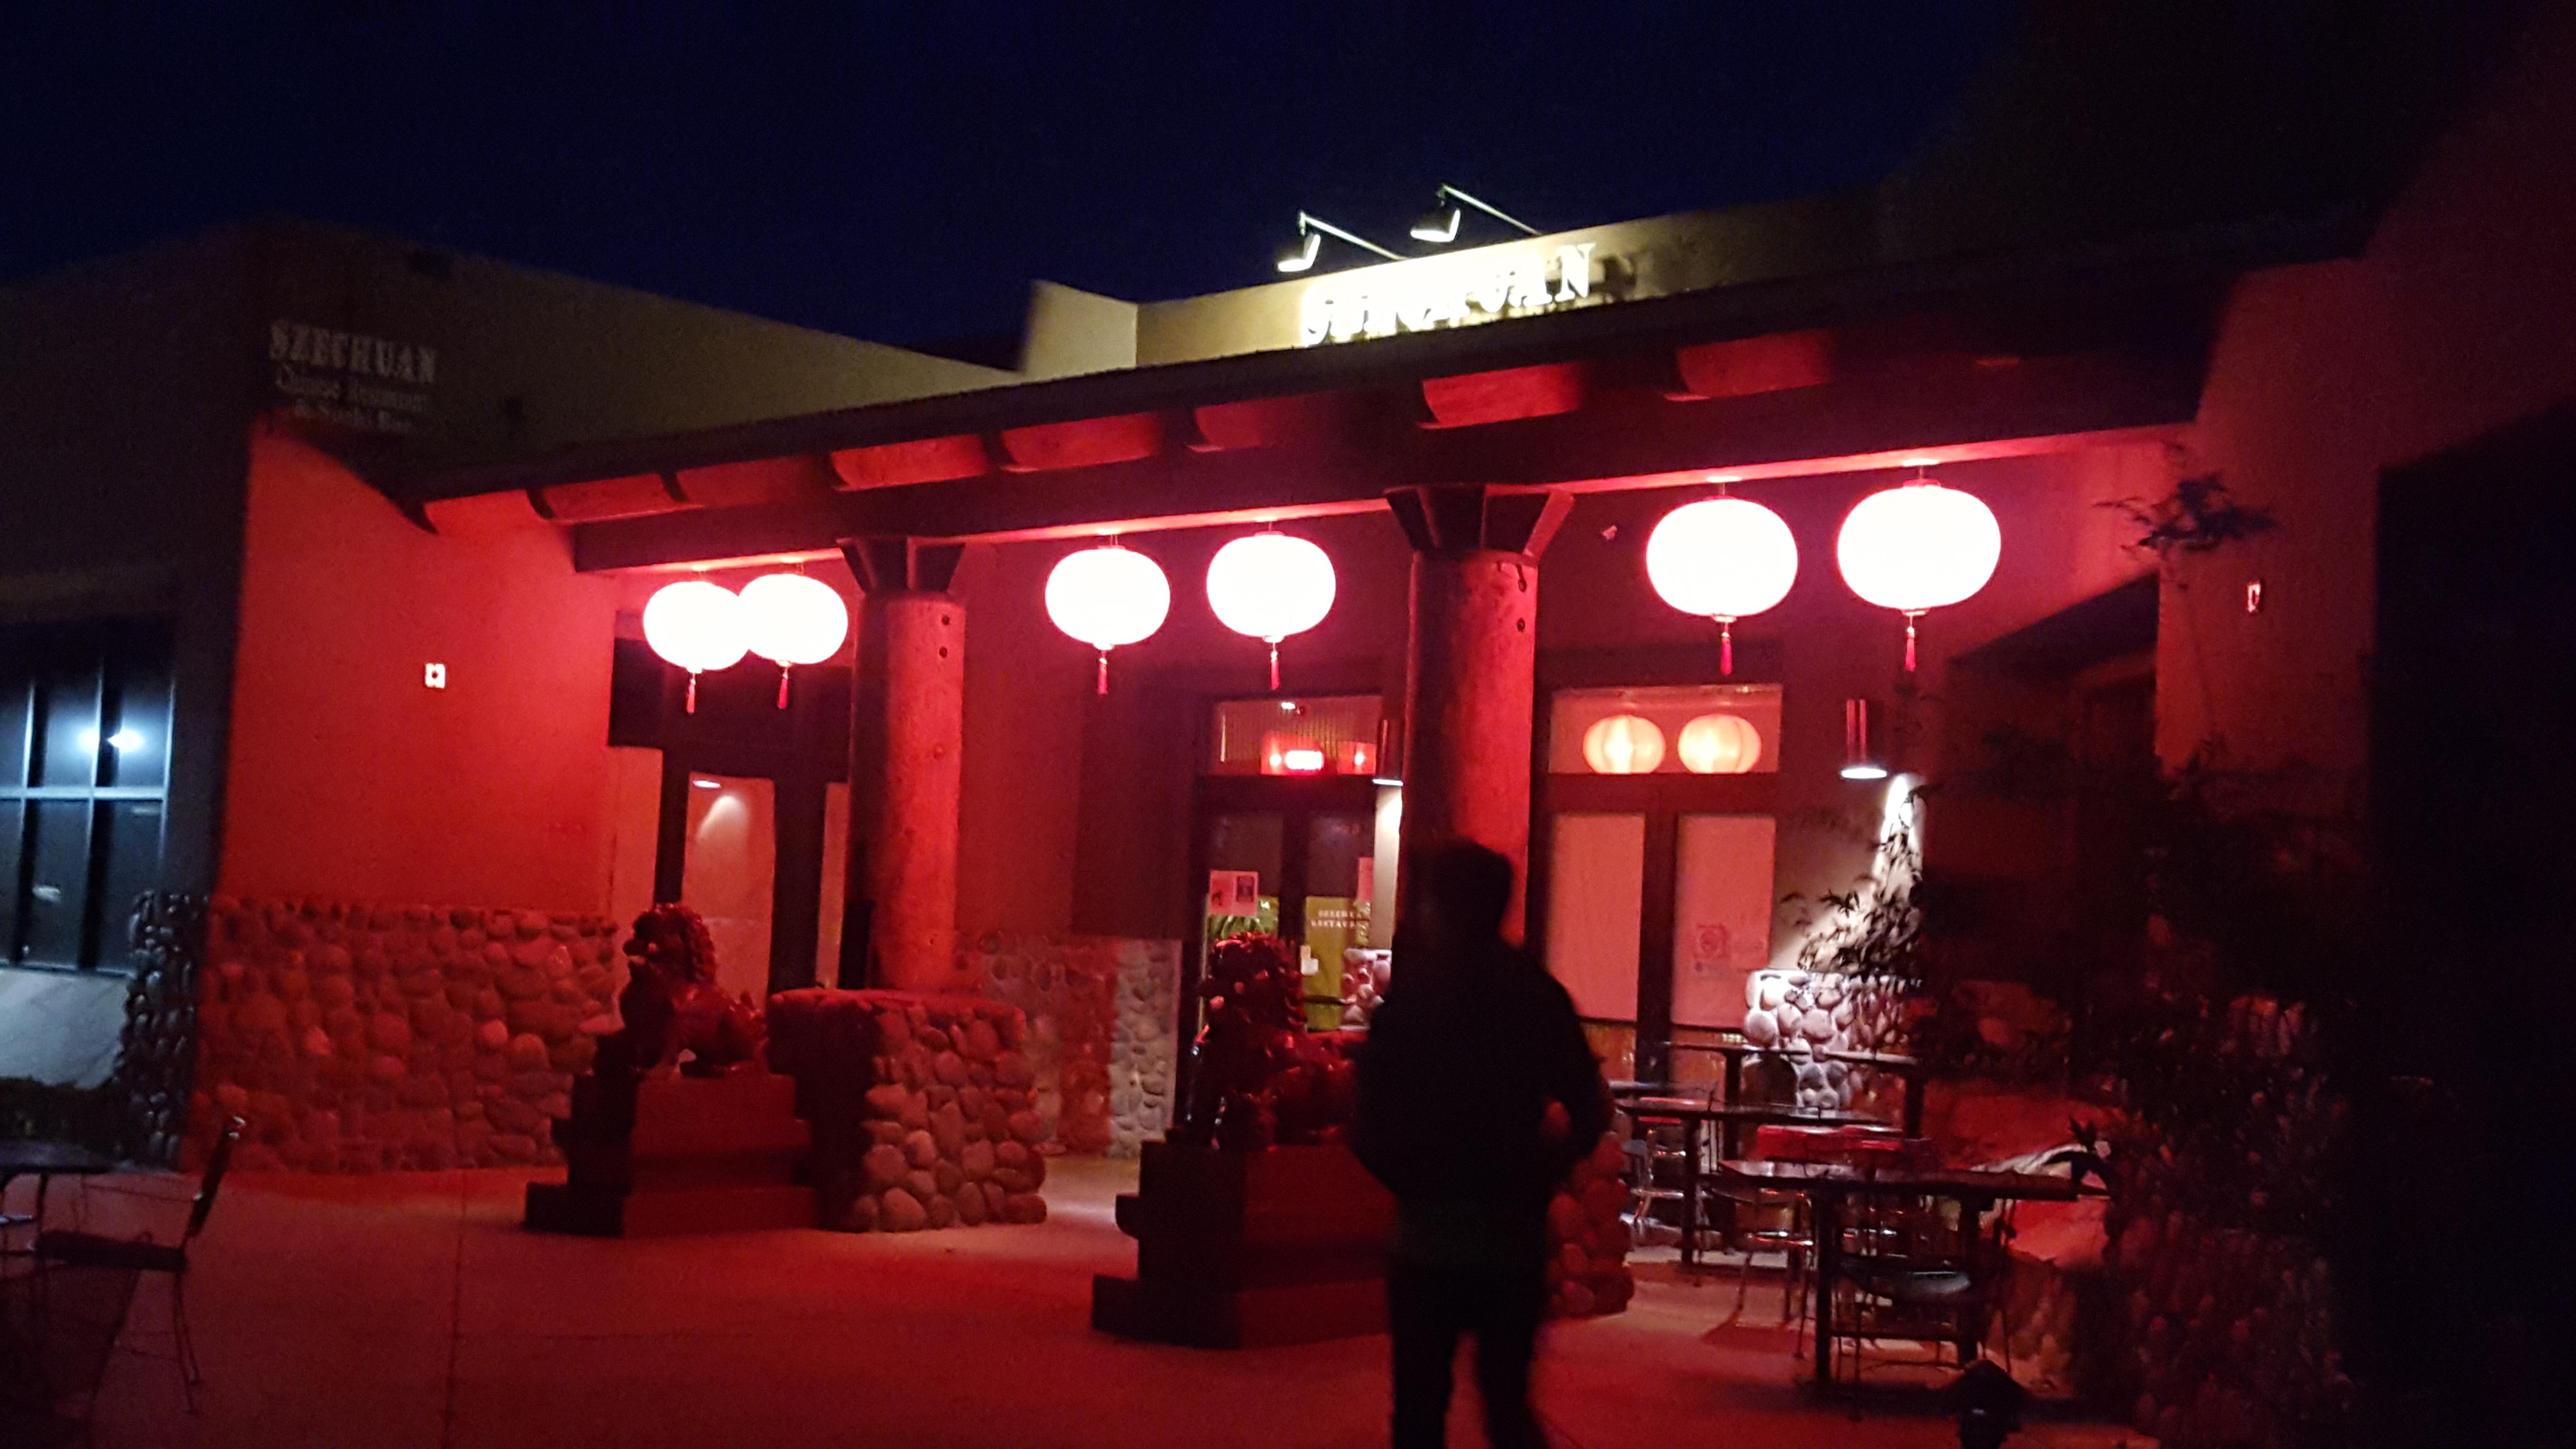 szechuan restaurant in sedona  az asian food review